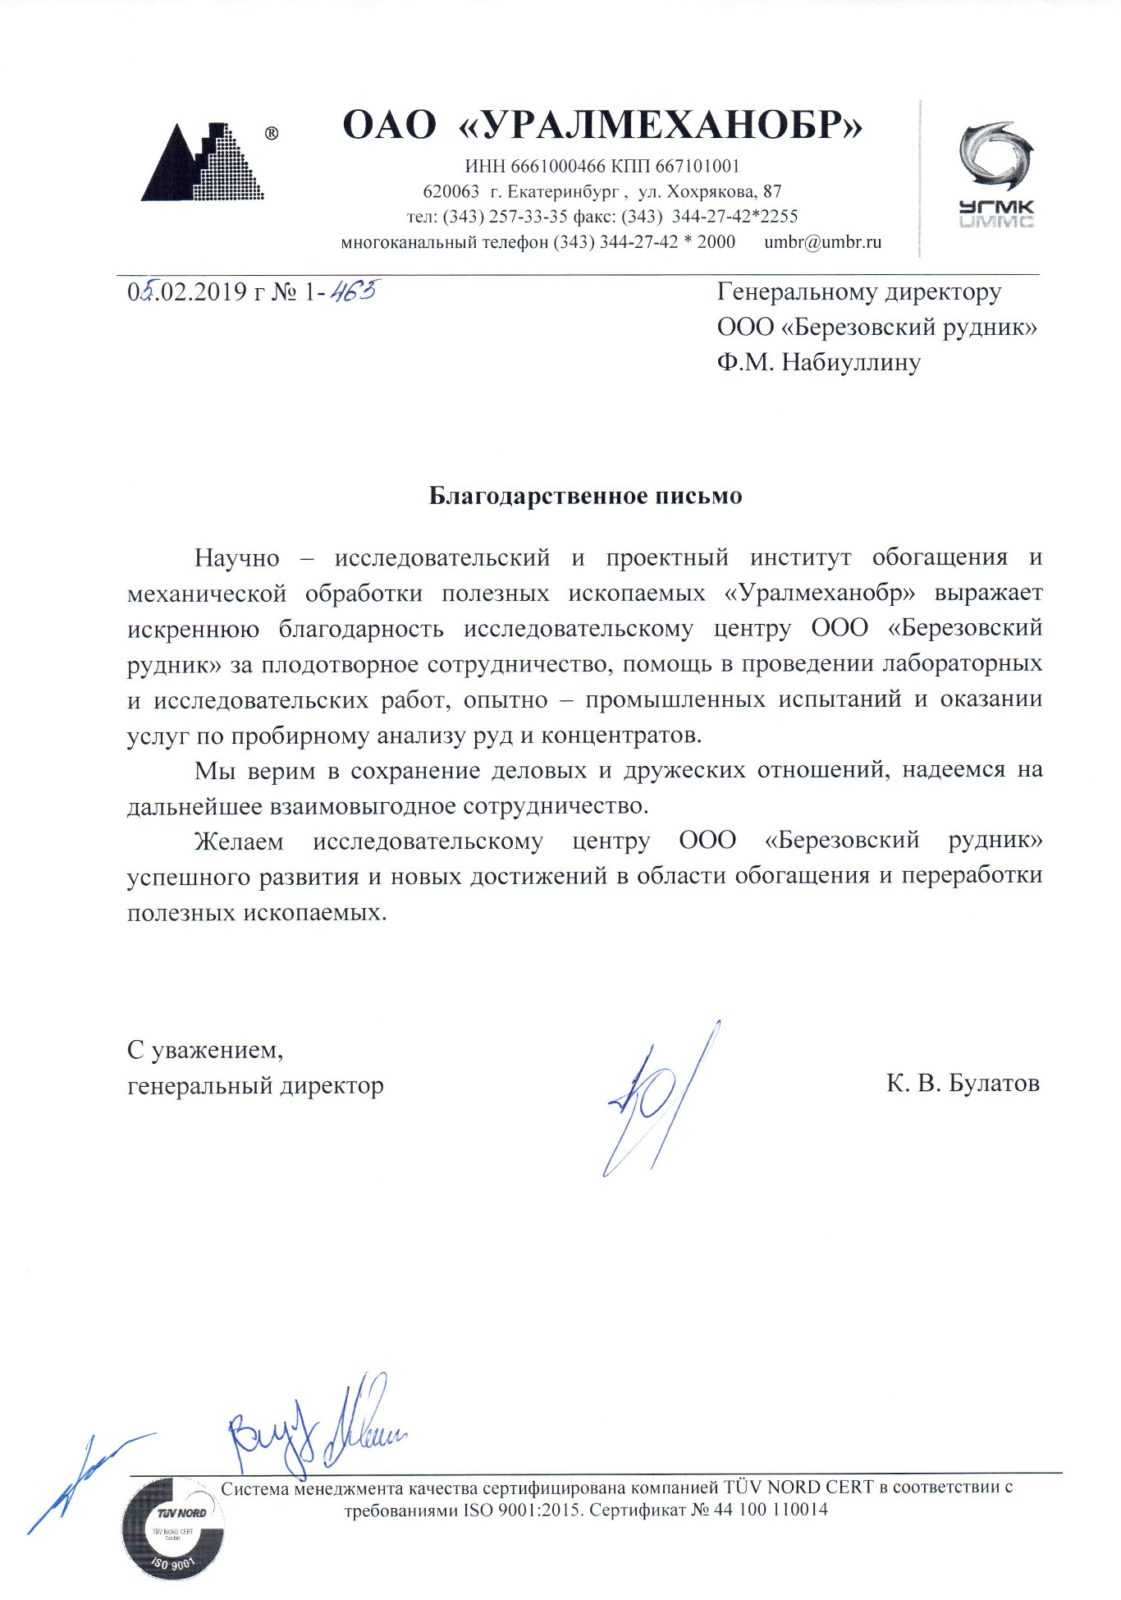 Благодарственное письмо ОАО УРАЛМЕХАНОБР